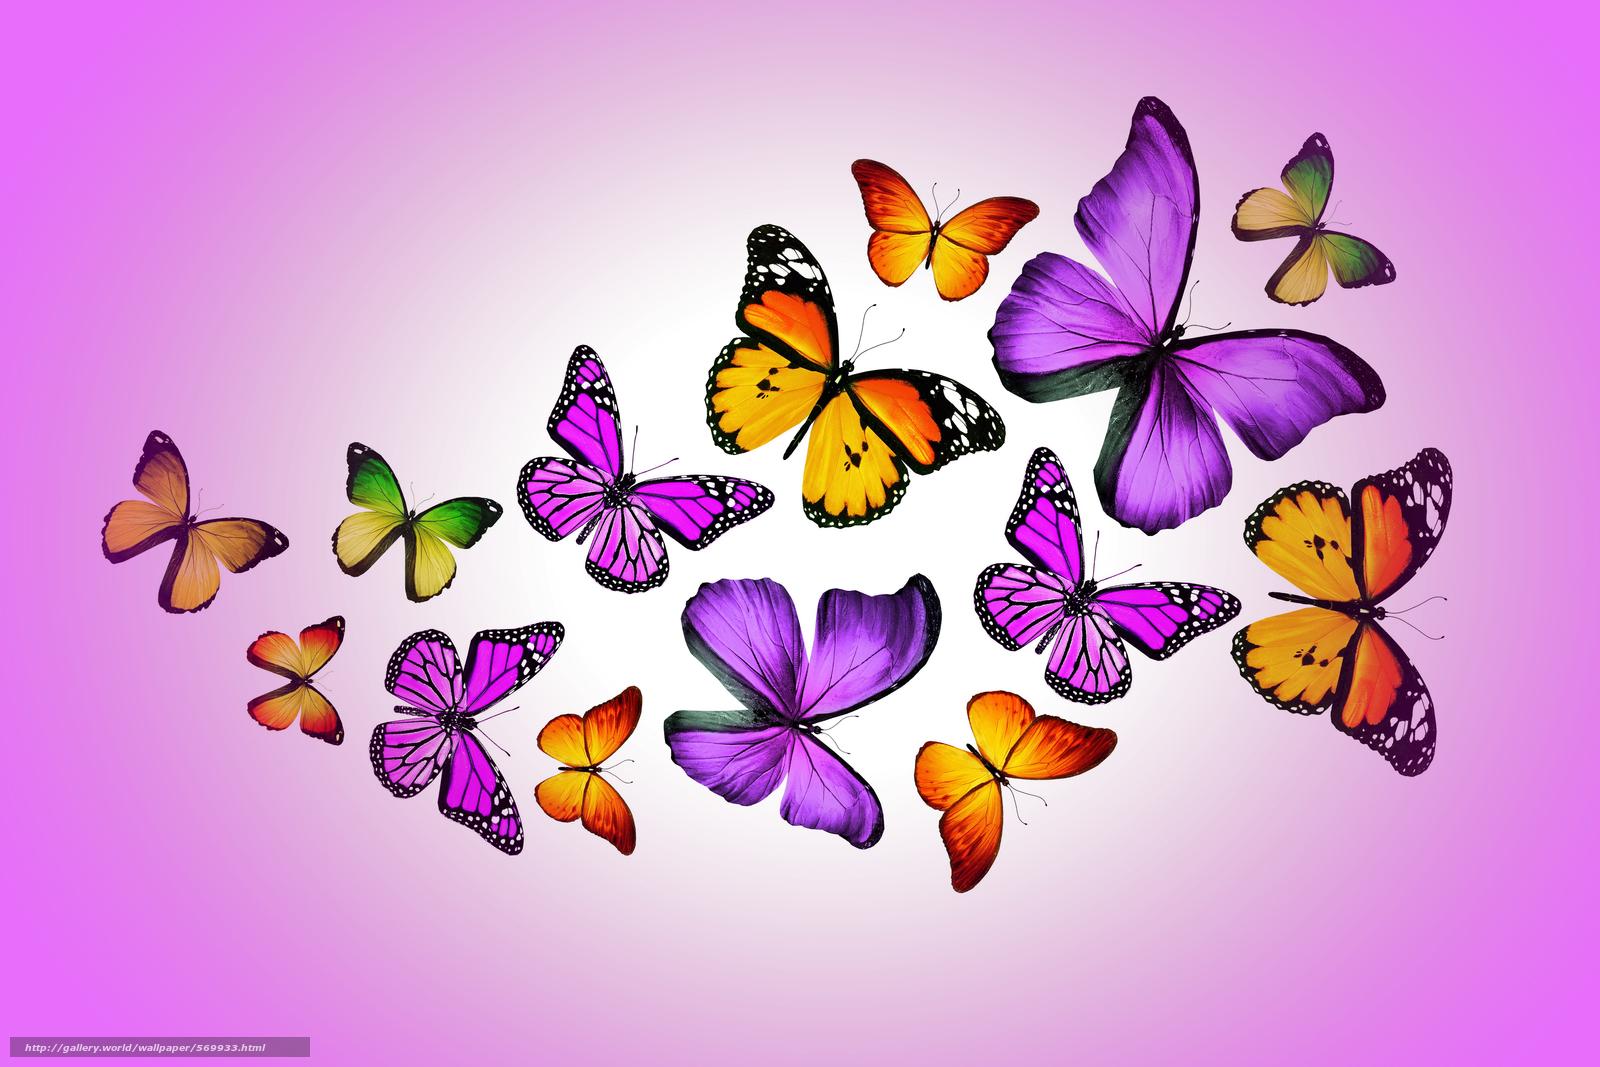 Scaricare gli sfondi farfalle sfondi gratis per la for Immagini farfalle per desktop